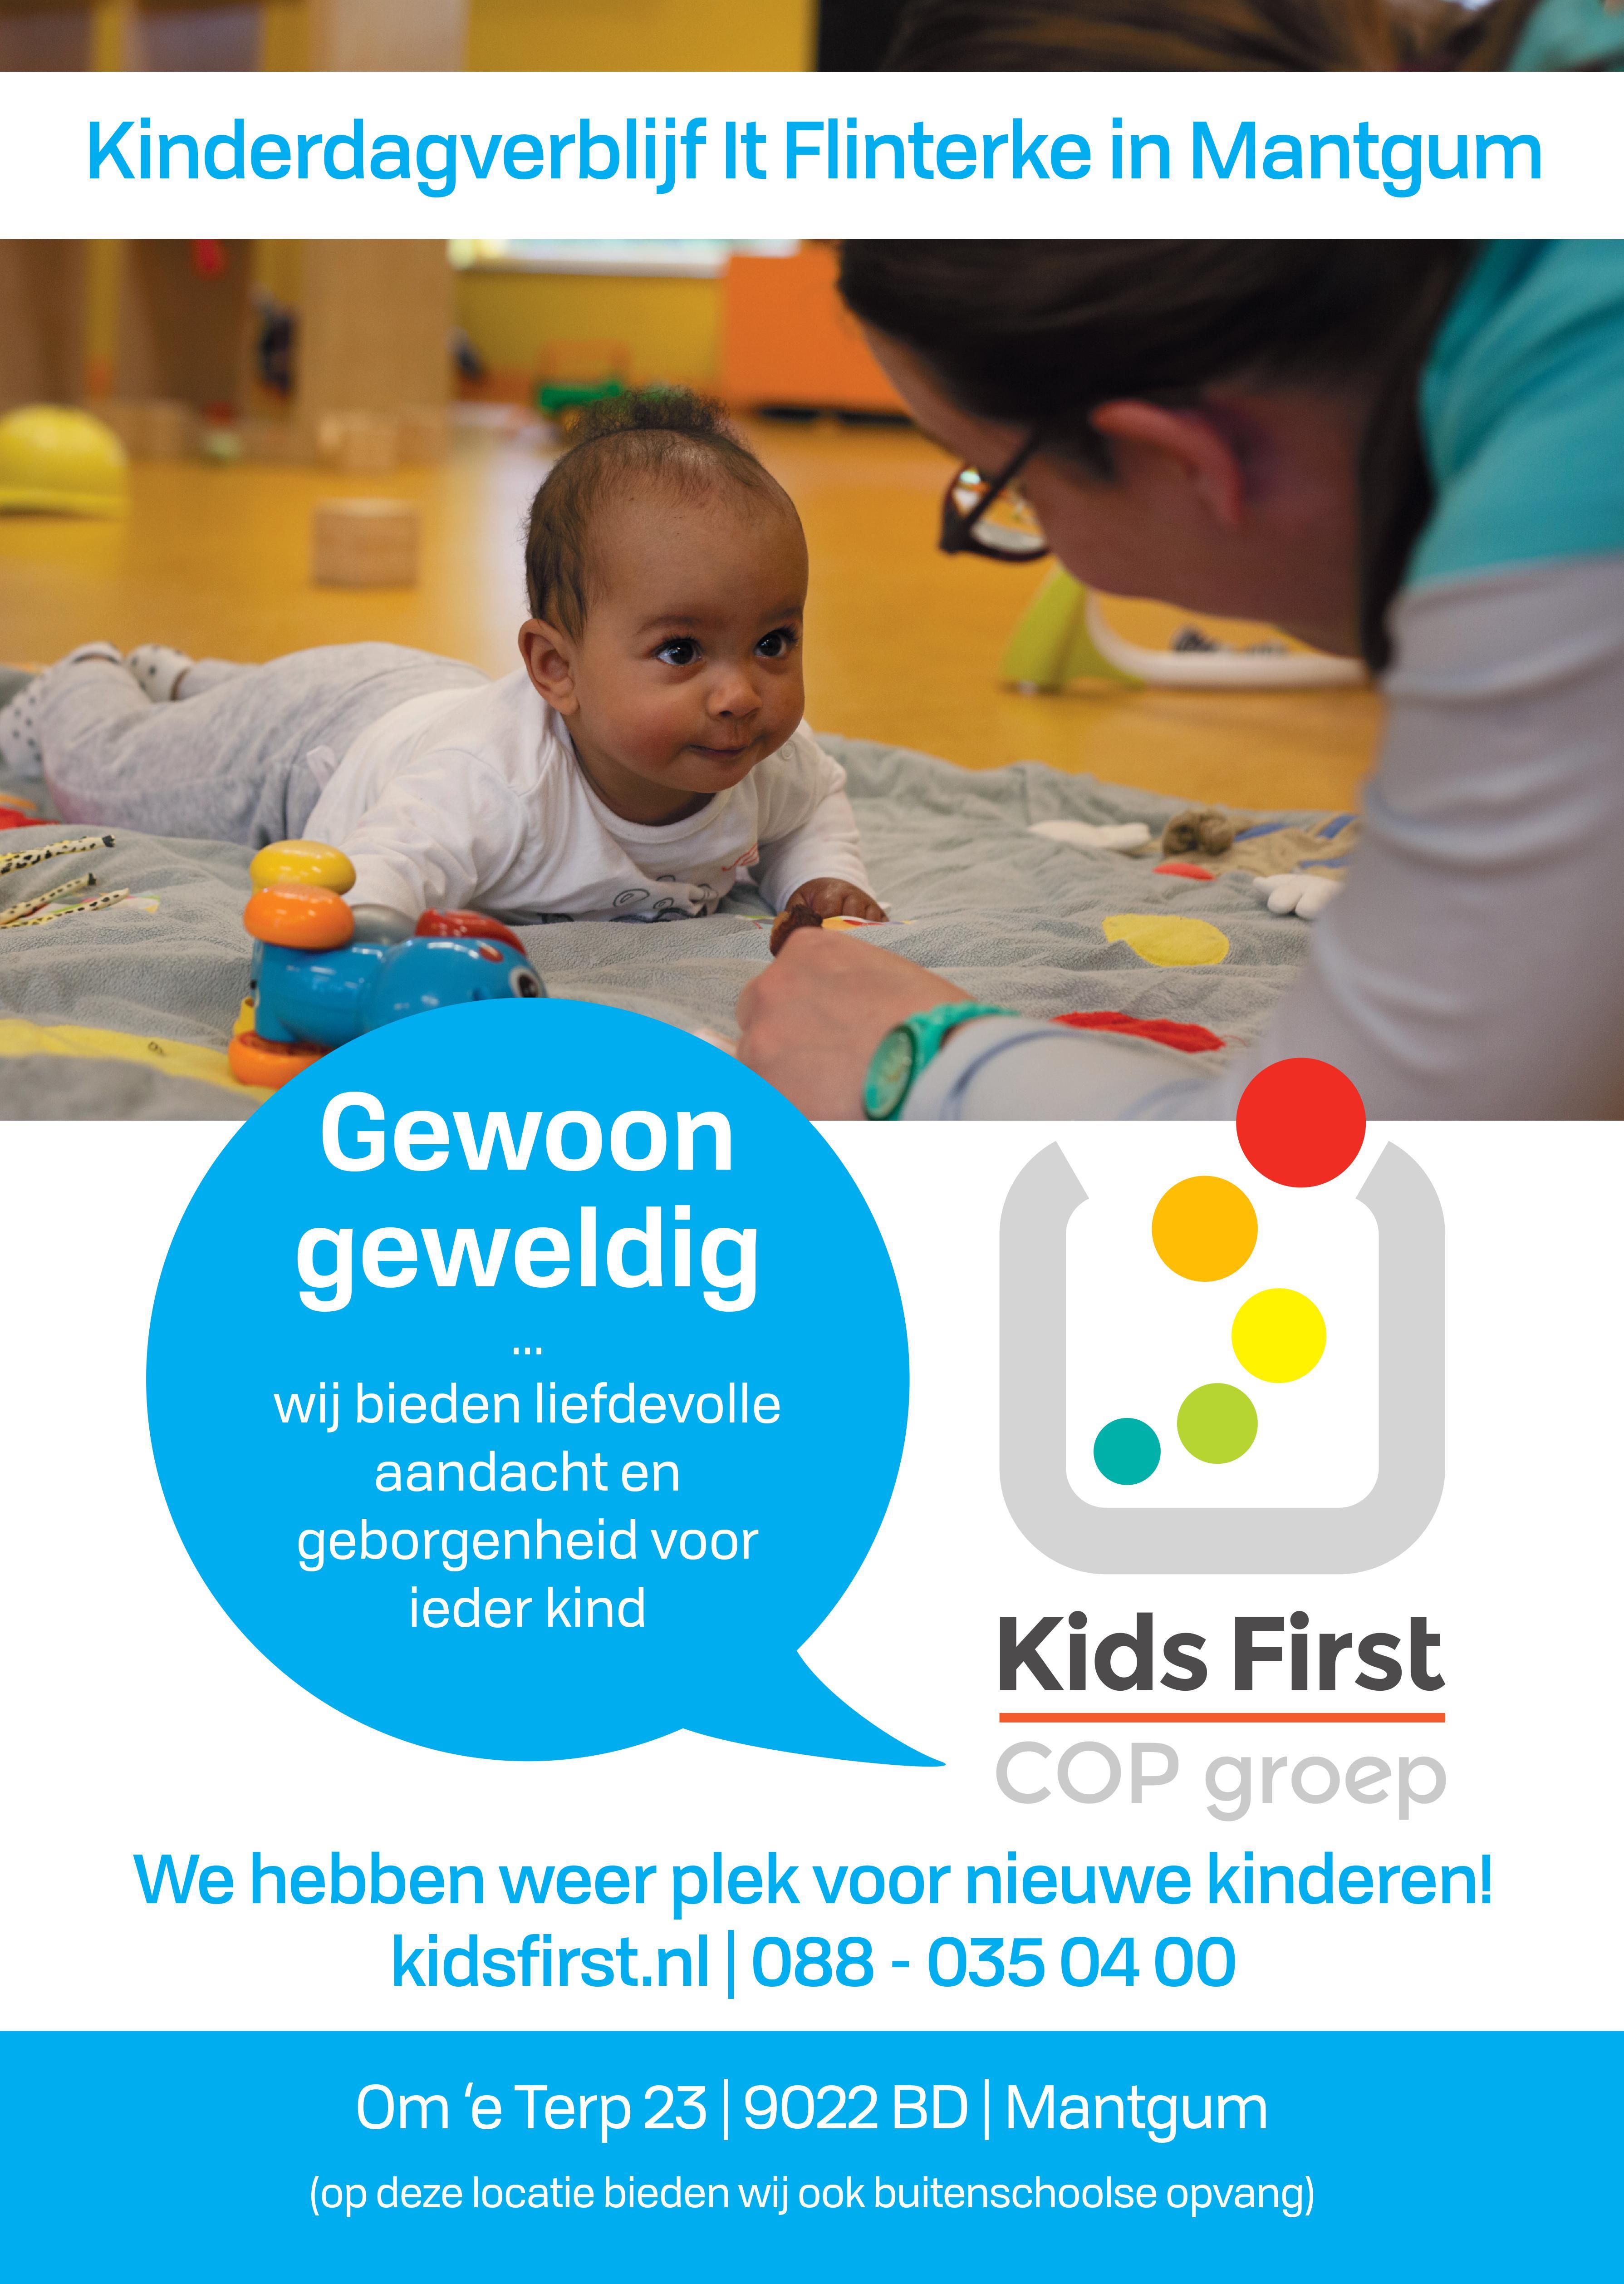 Kinderdagverblijf It Flinterke Mantgum - Kids First COP Groep